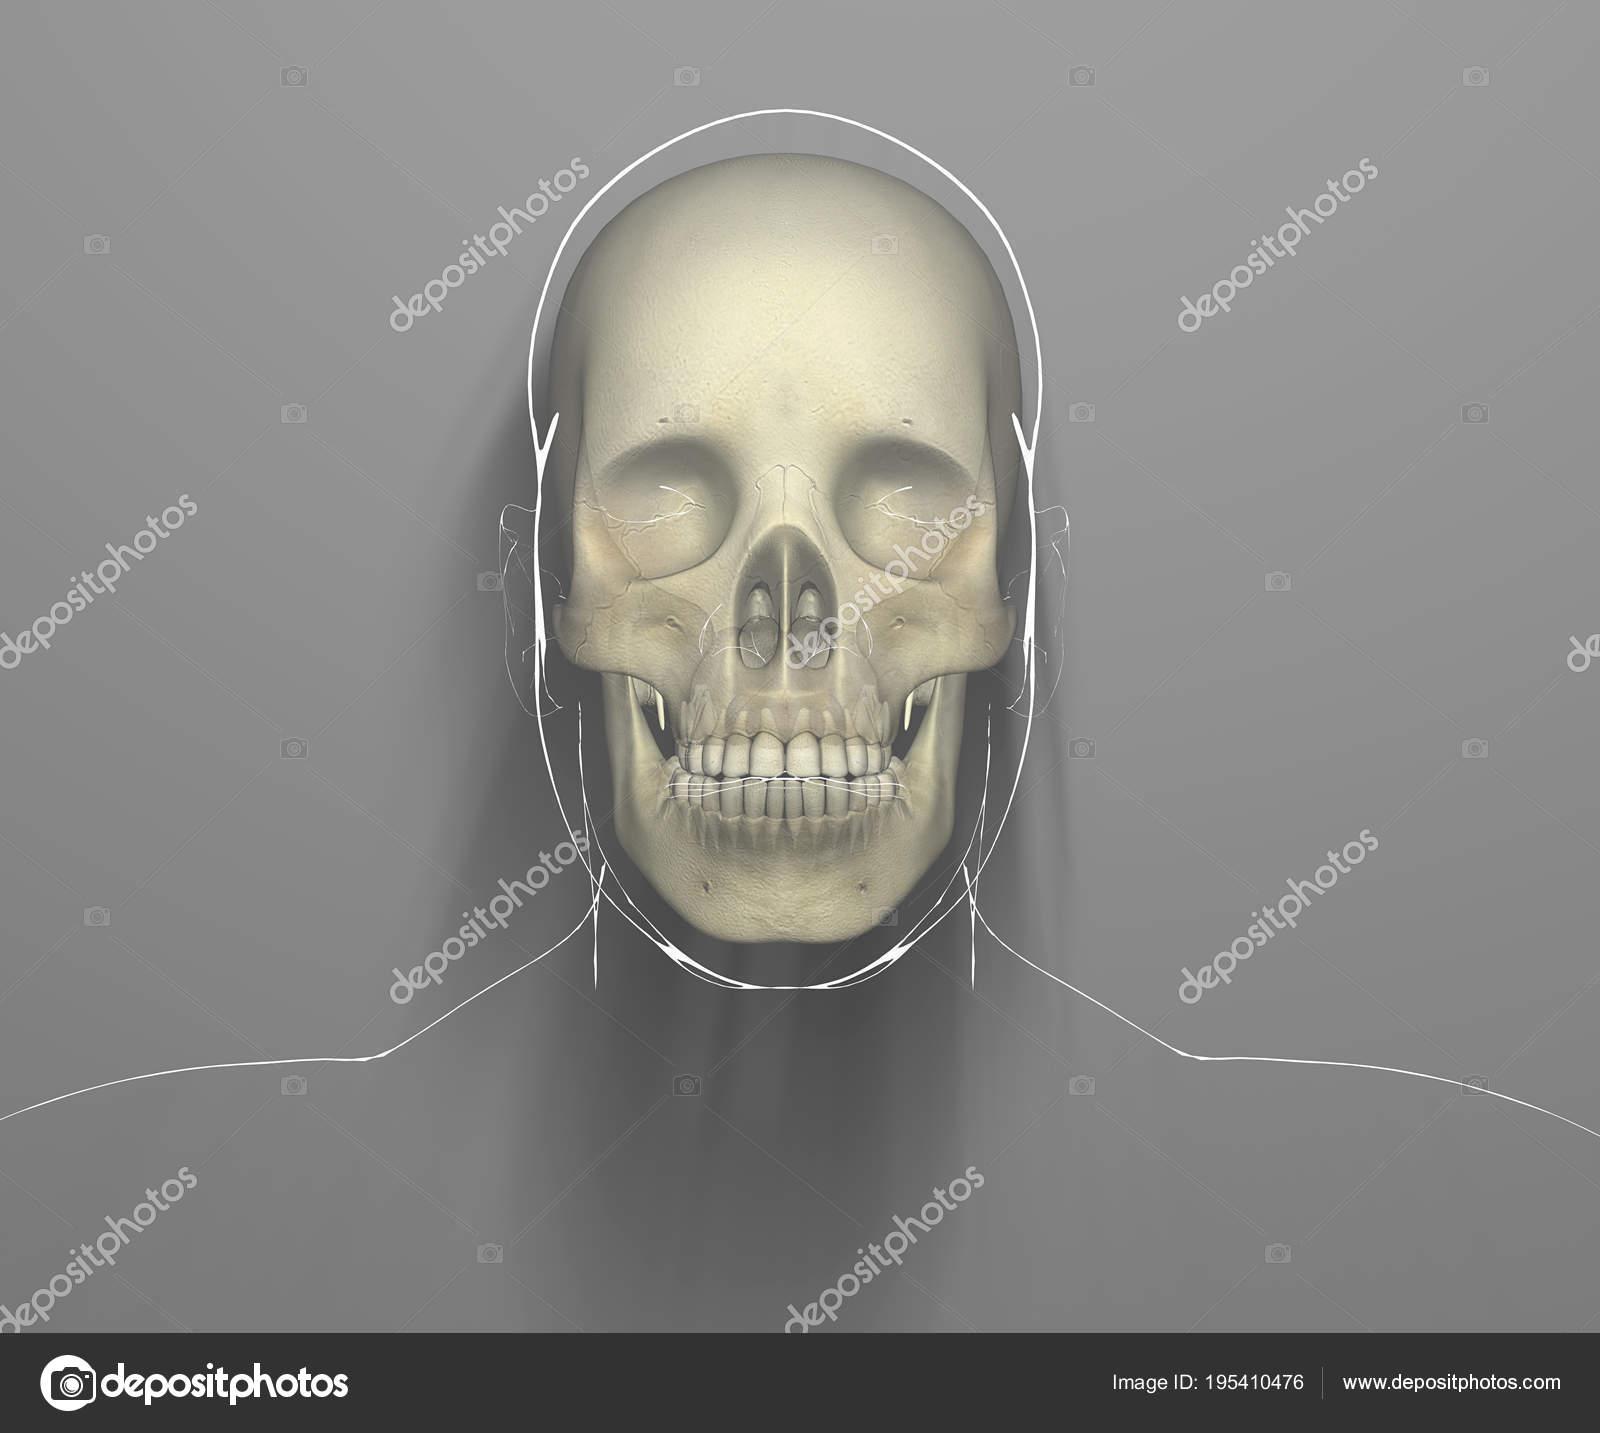 Vorderansicht Eines Schädels Auf Röntgen Jemandes Kopf Und Schädel ...